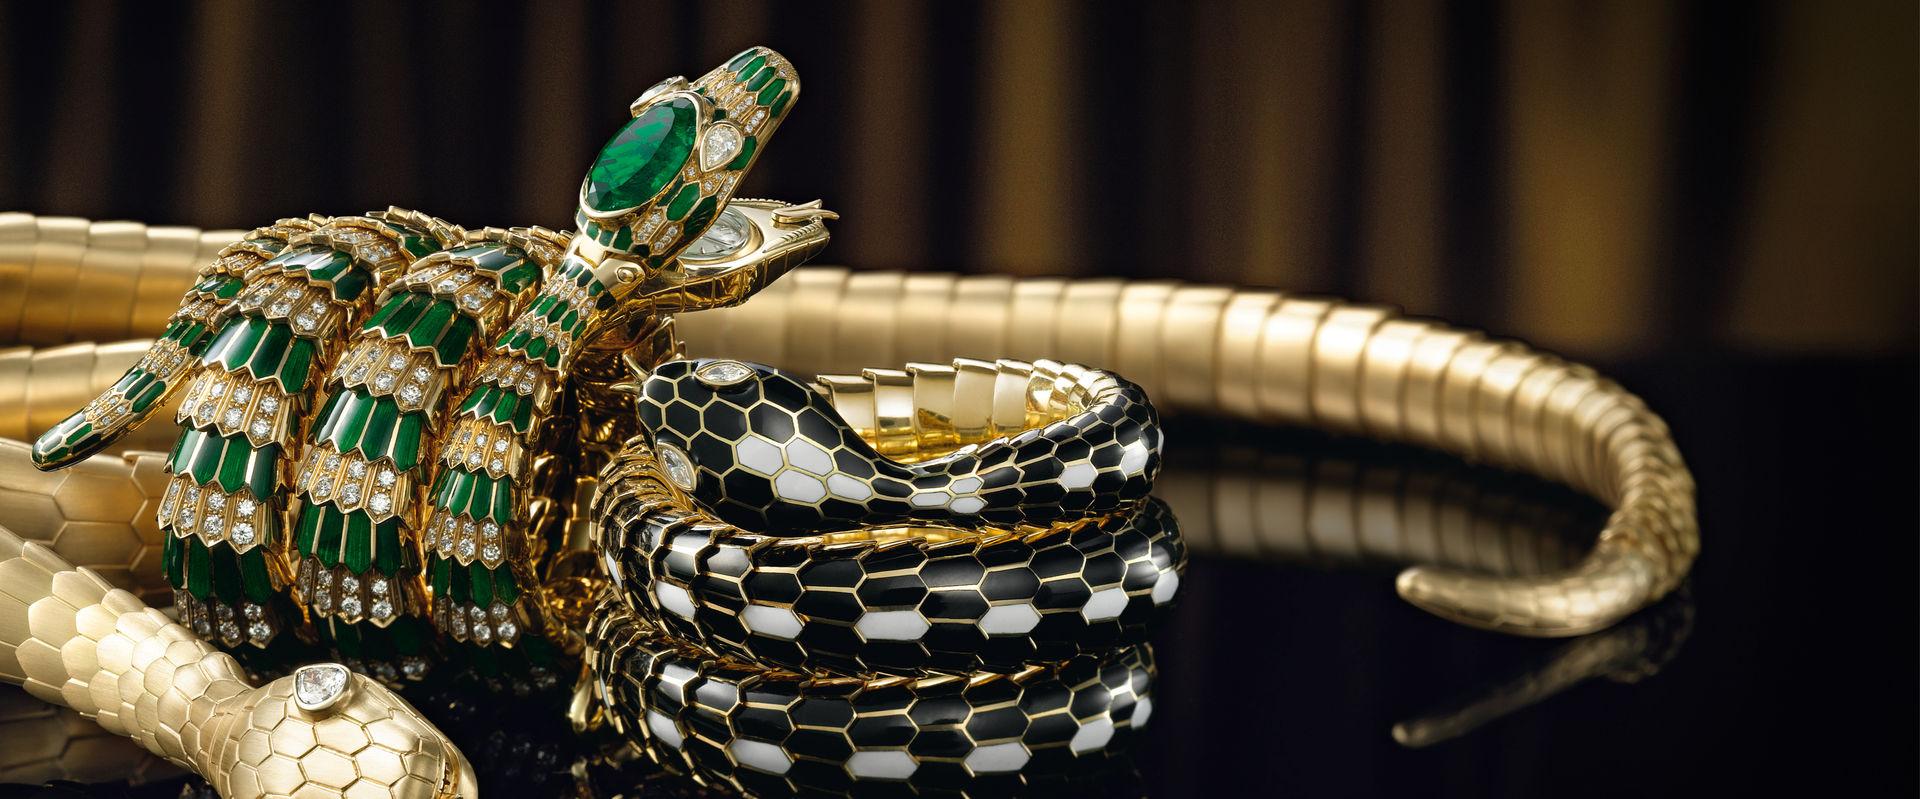 Образ змеи в бижутерии и ювелирном искусстве